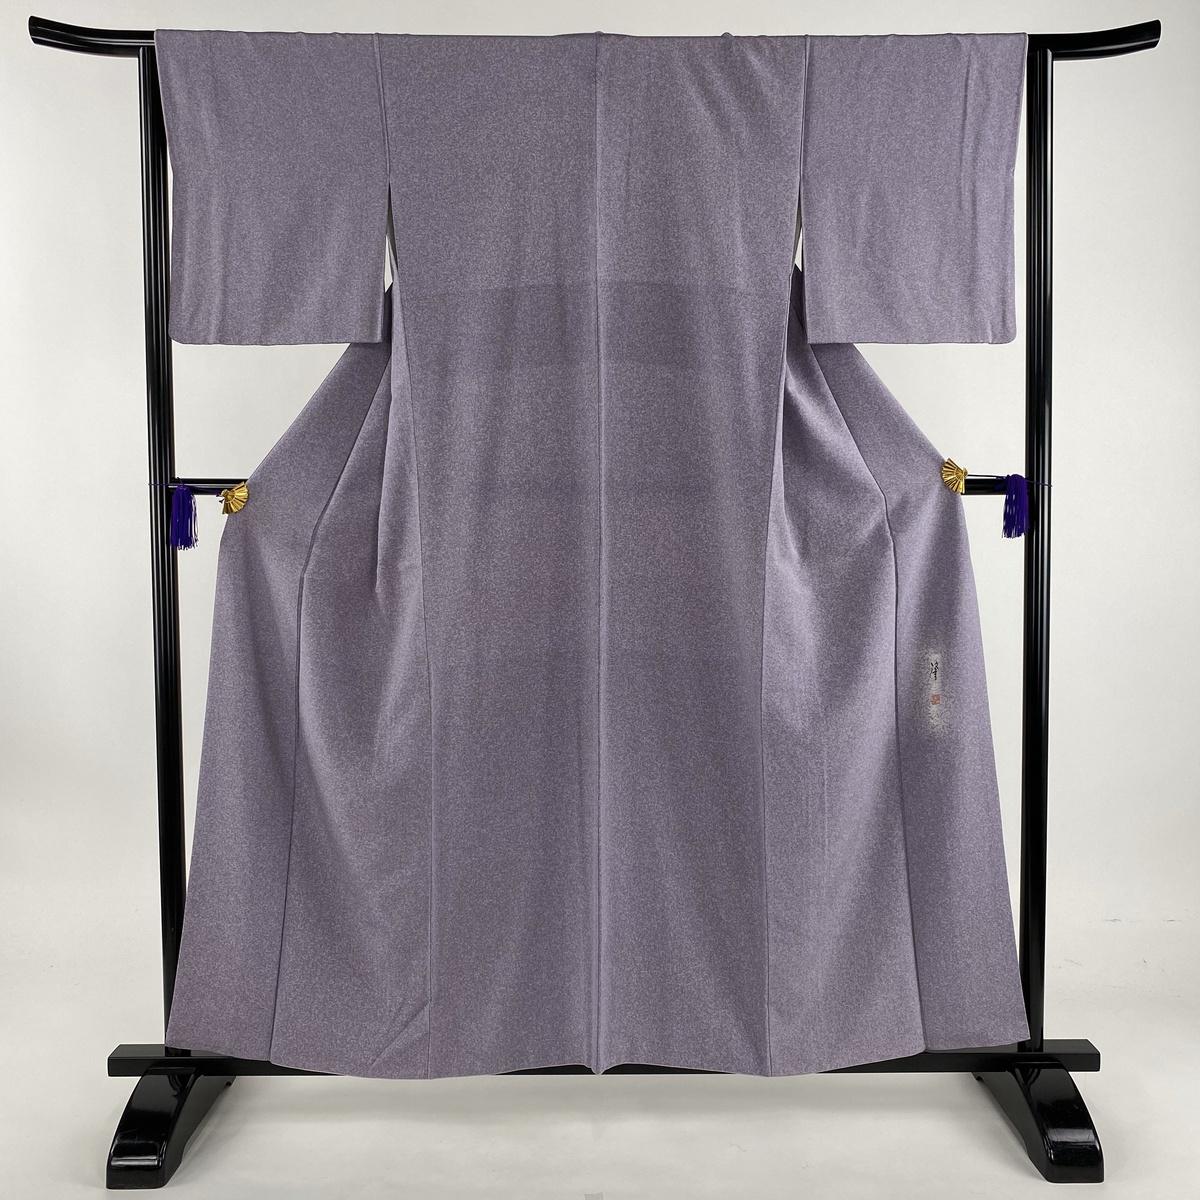 小紋 美品 秀品 落款あり 一つ紋 たたき染め風 紫 袷 身丈158cm 裄丈64cm M 正絹 【中古】